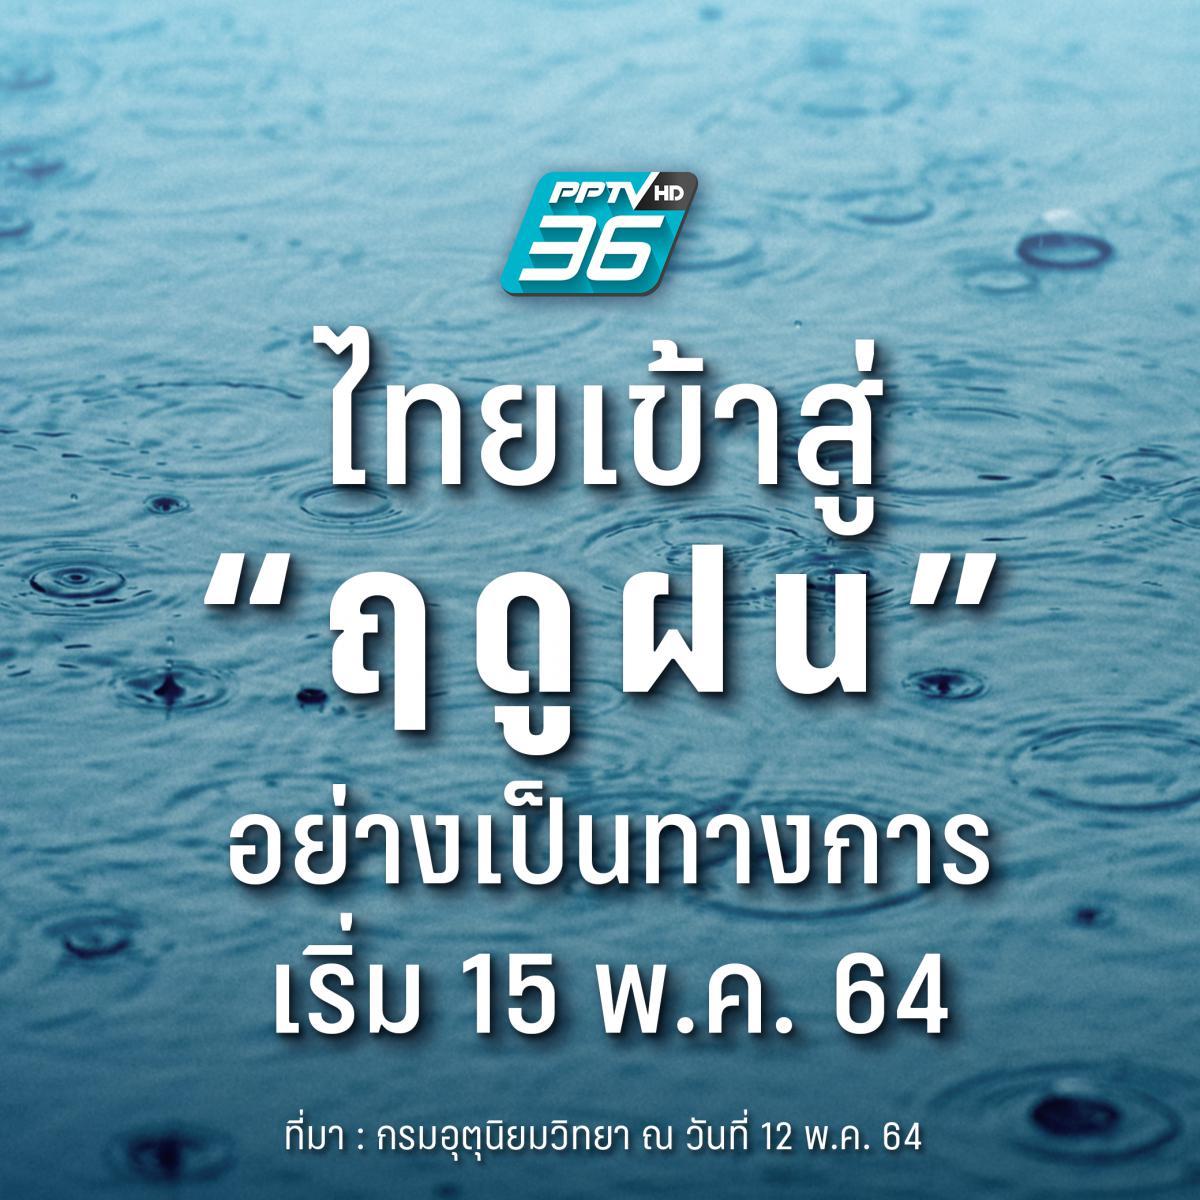 """กรมอุตุฯ ประกาศ ไทยสิ้นสุดฤดูร้อน เข้าสู่ """"ฤดูฝน"""" เริ่ม 15 พ.ค.64"""